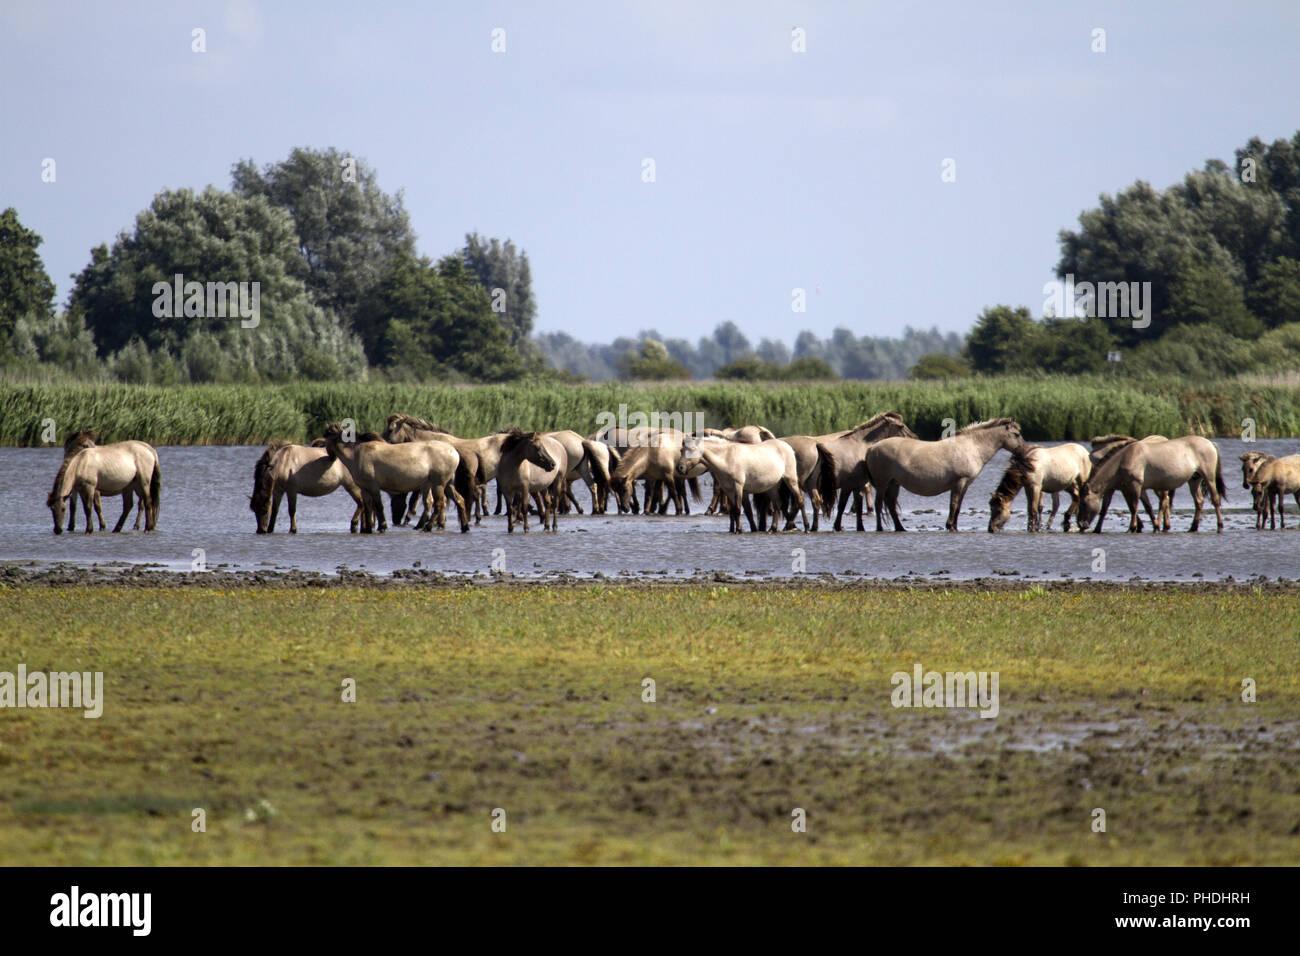 Poppet, Ezumakeech, Friesland, Netherland - Stock Image